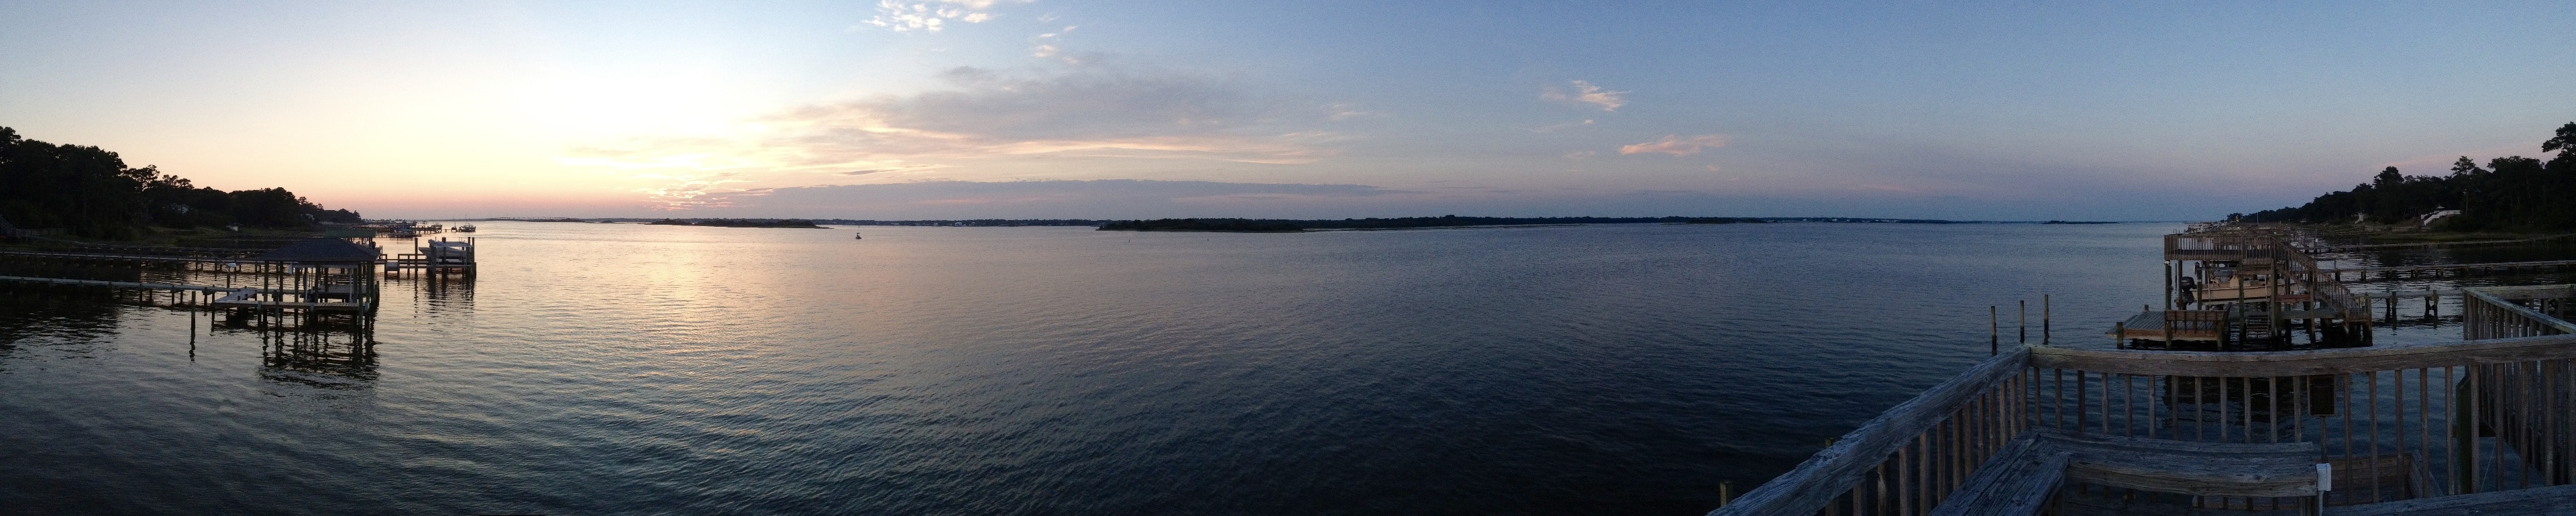 Île de Daufuskie, Caroline du Sud, États-Unis d'Amérique